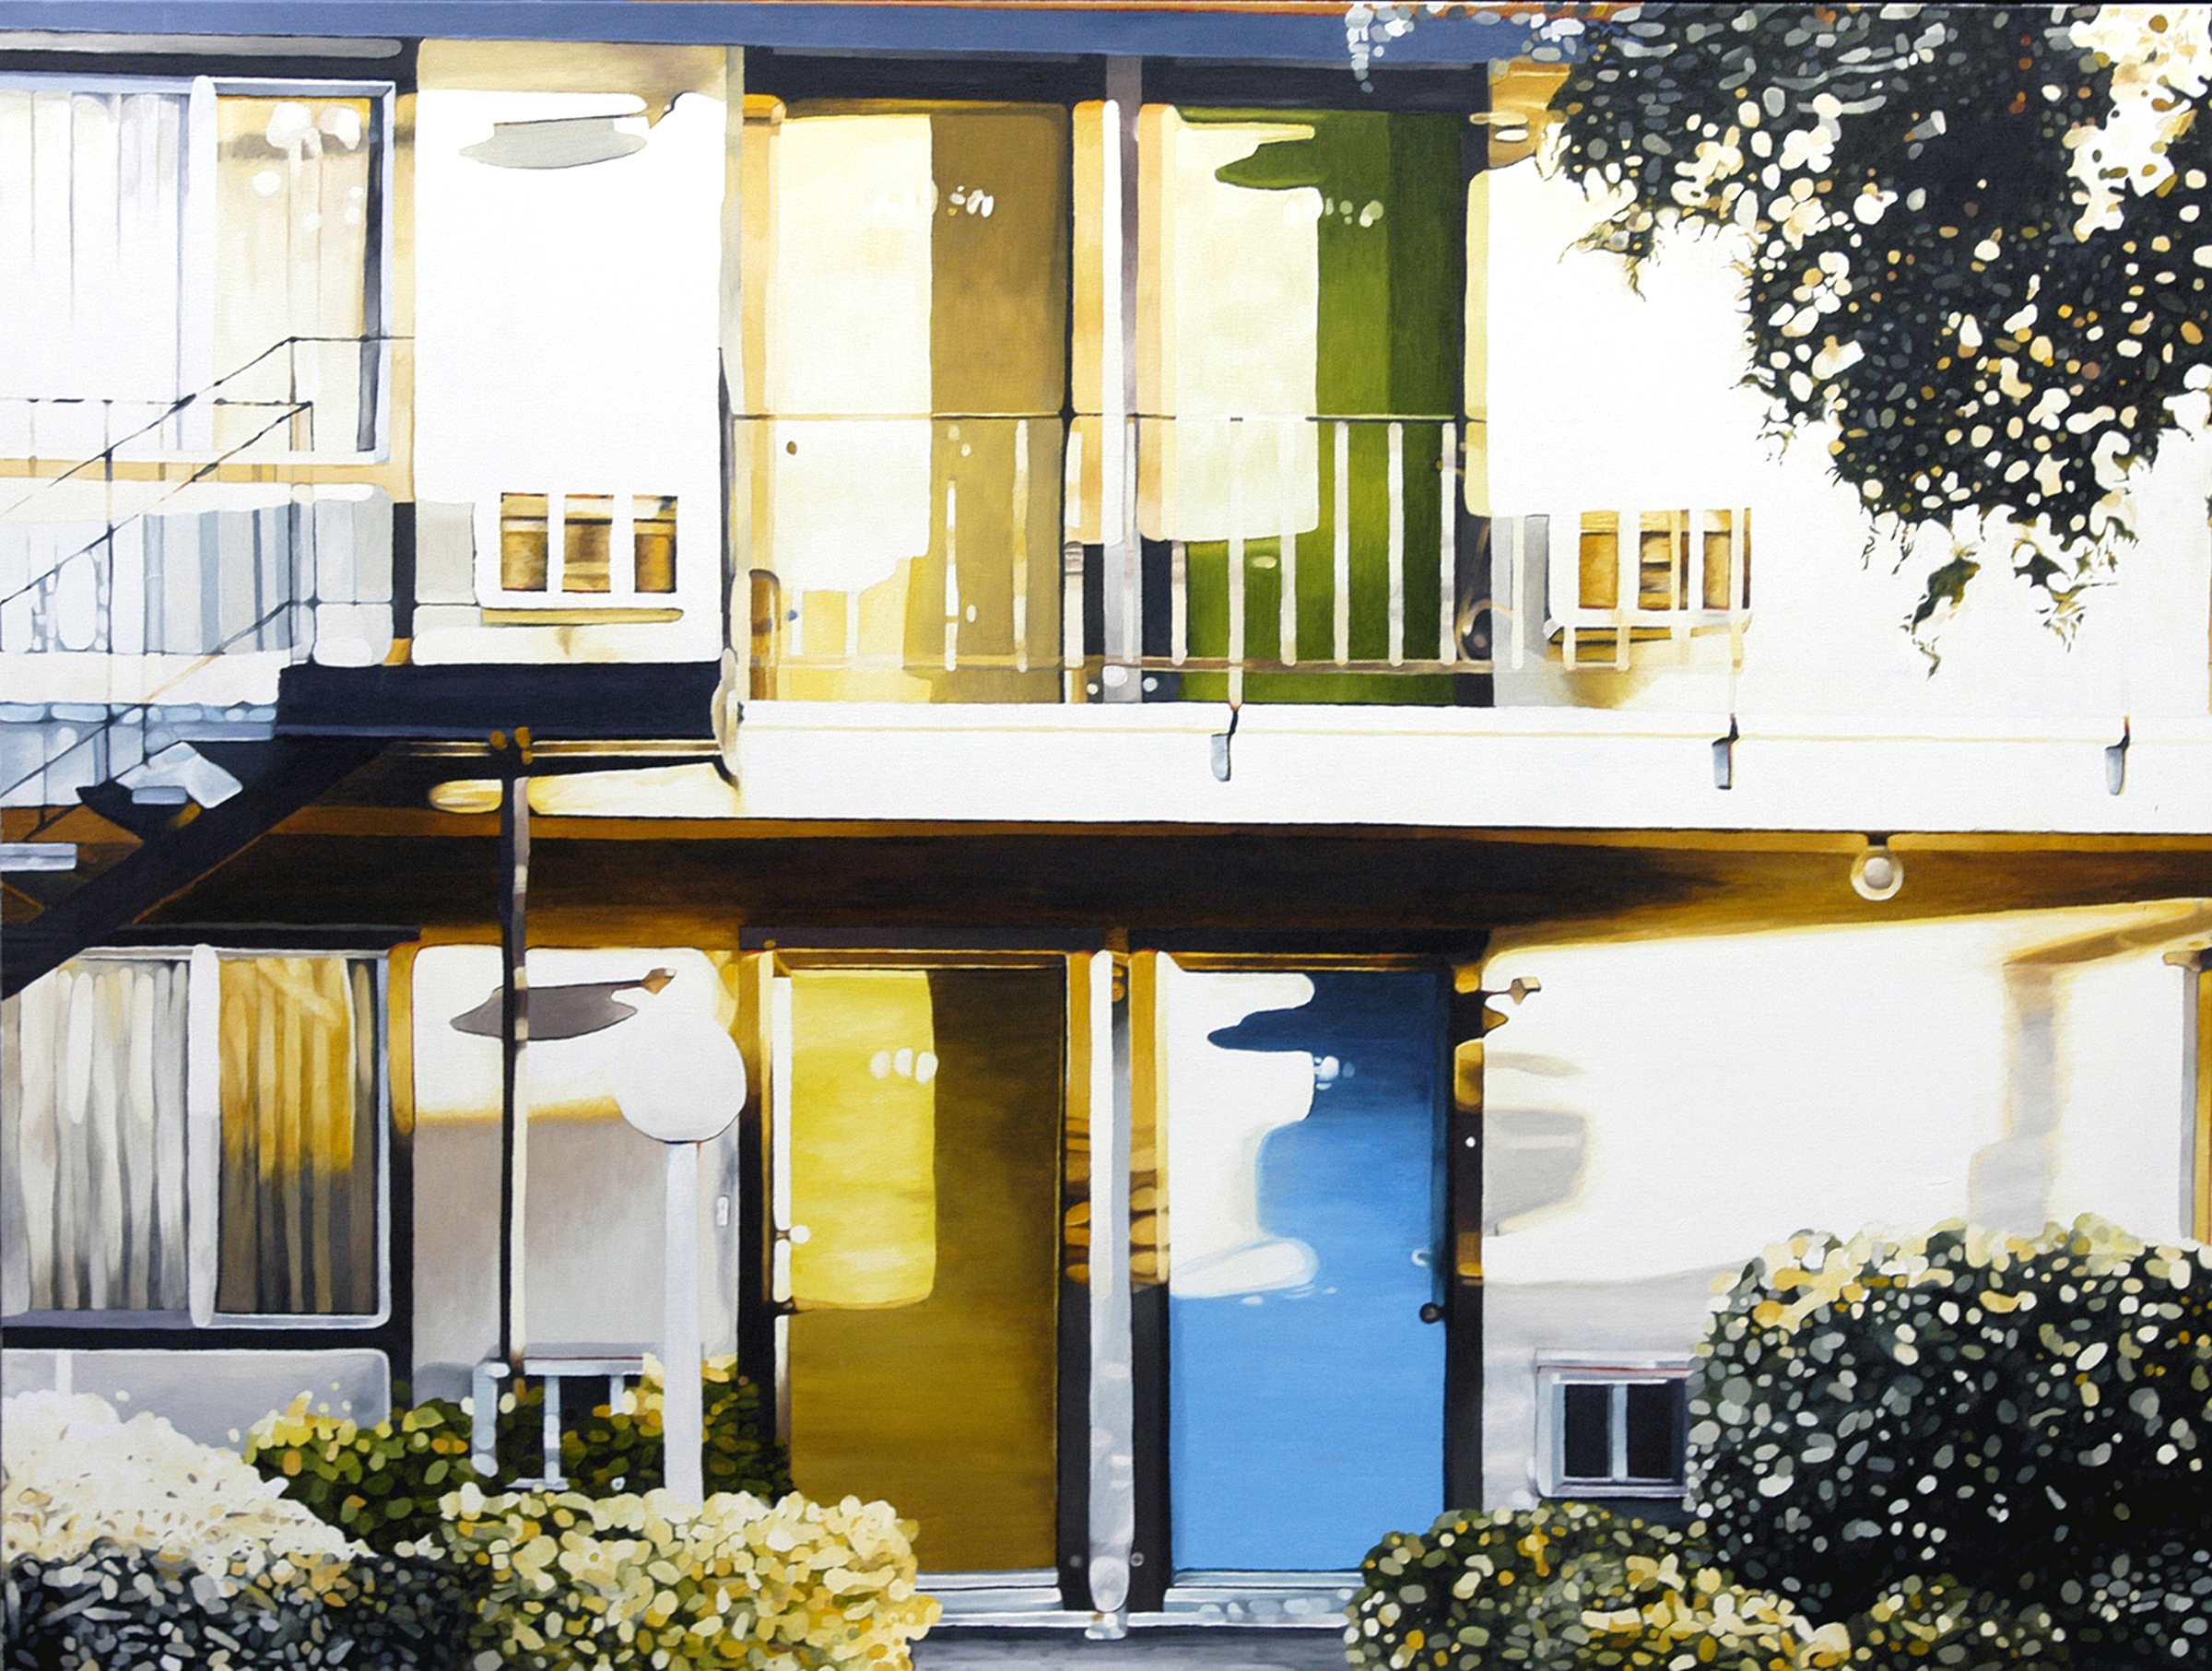 O_Four Doors_36x48.jpg